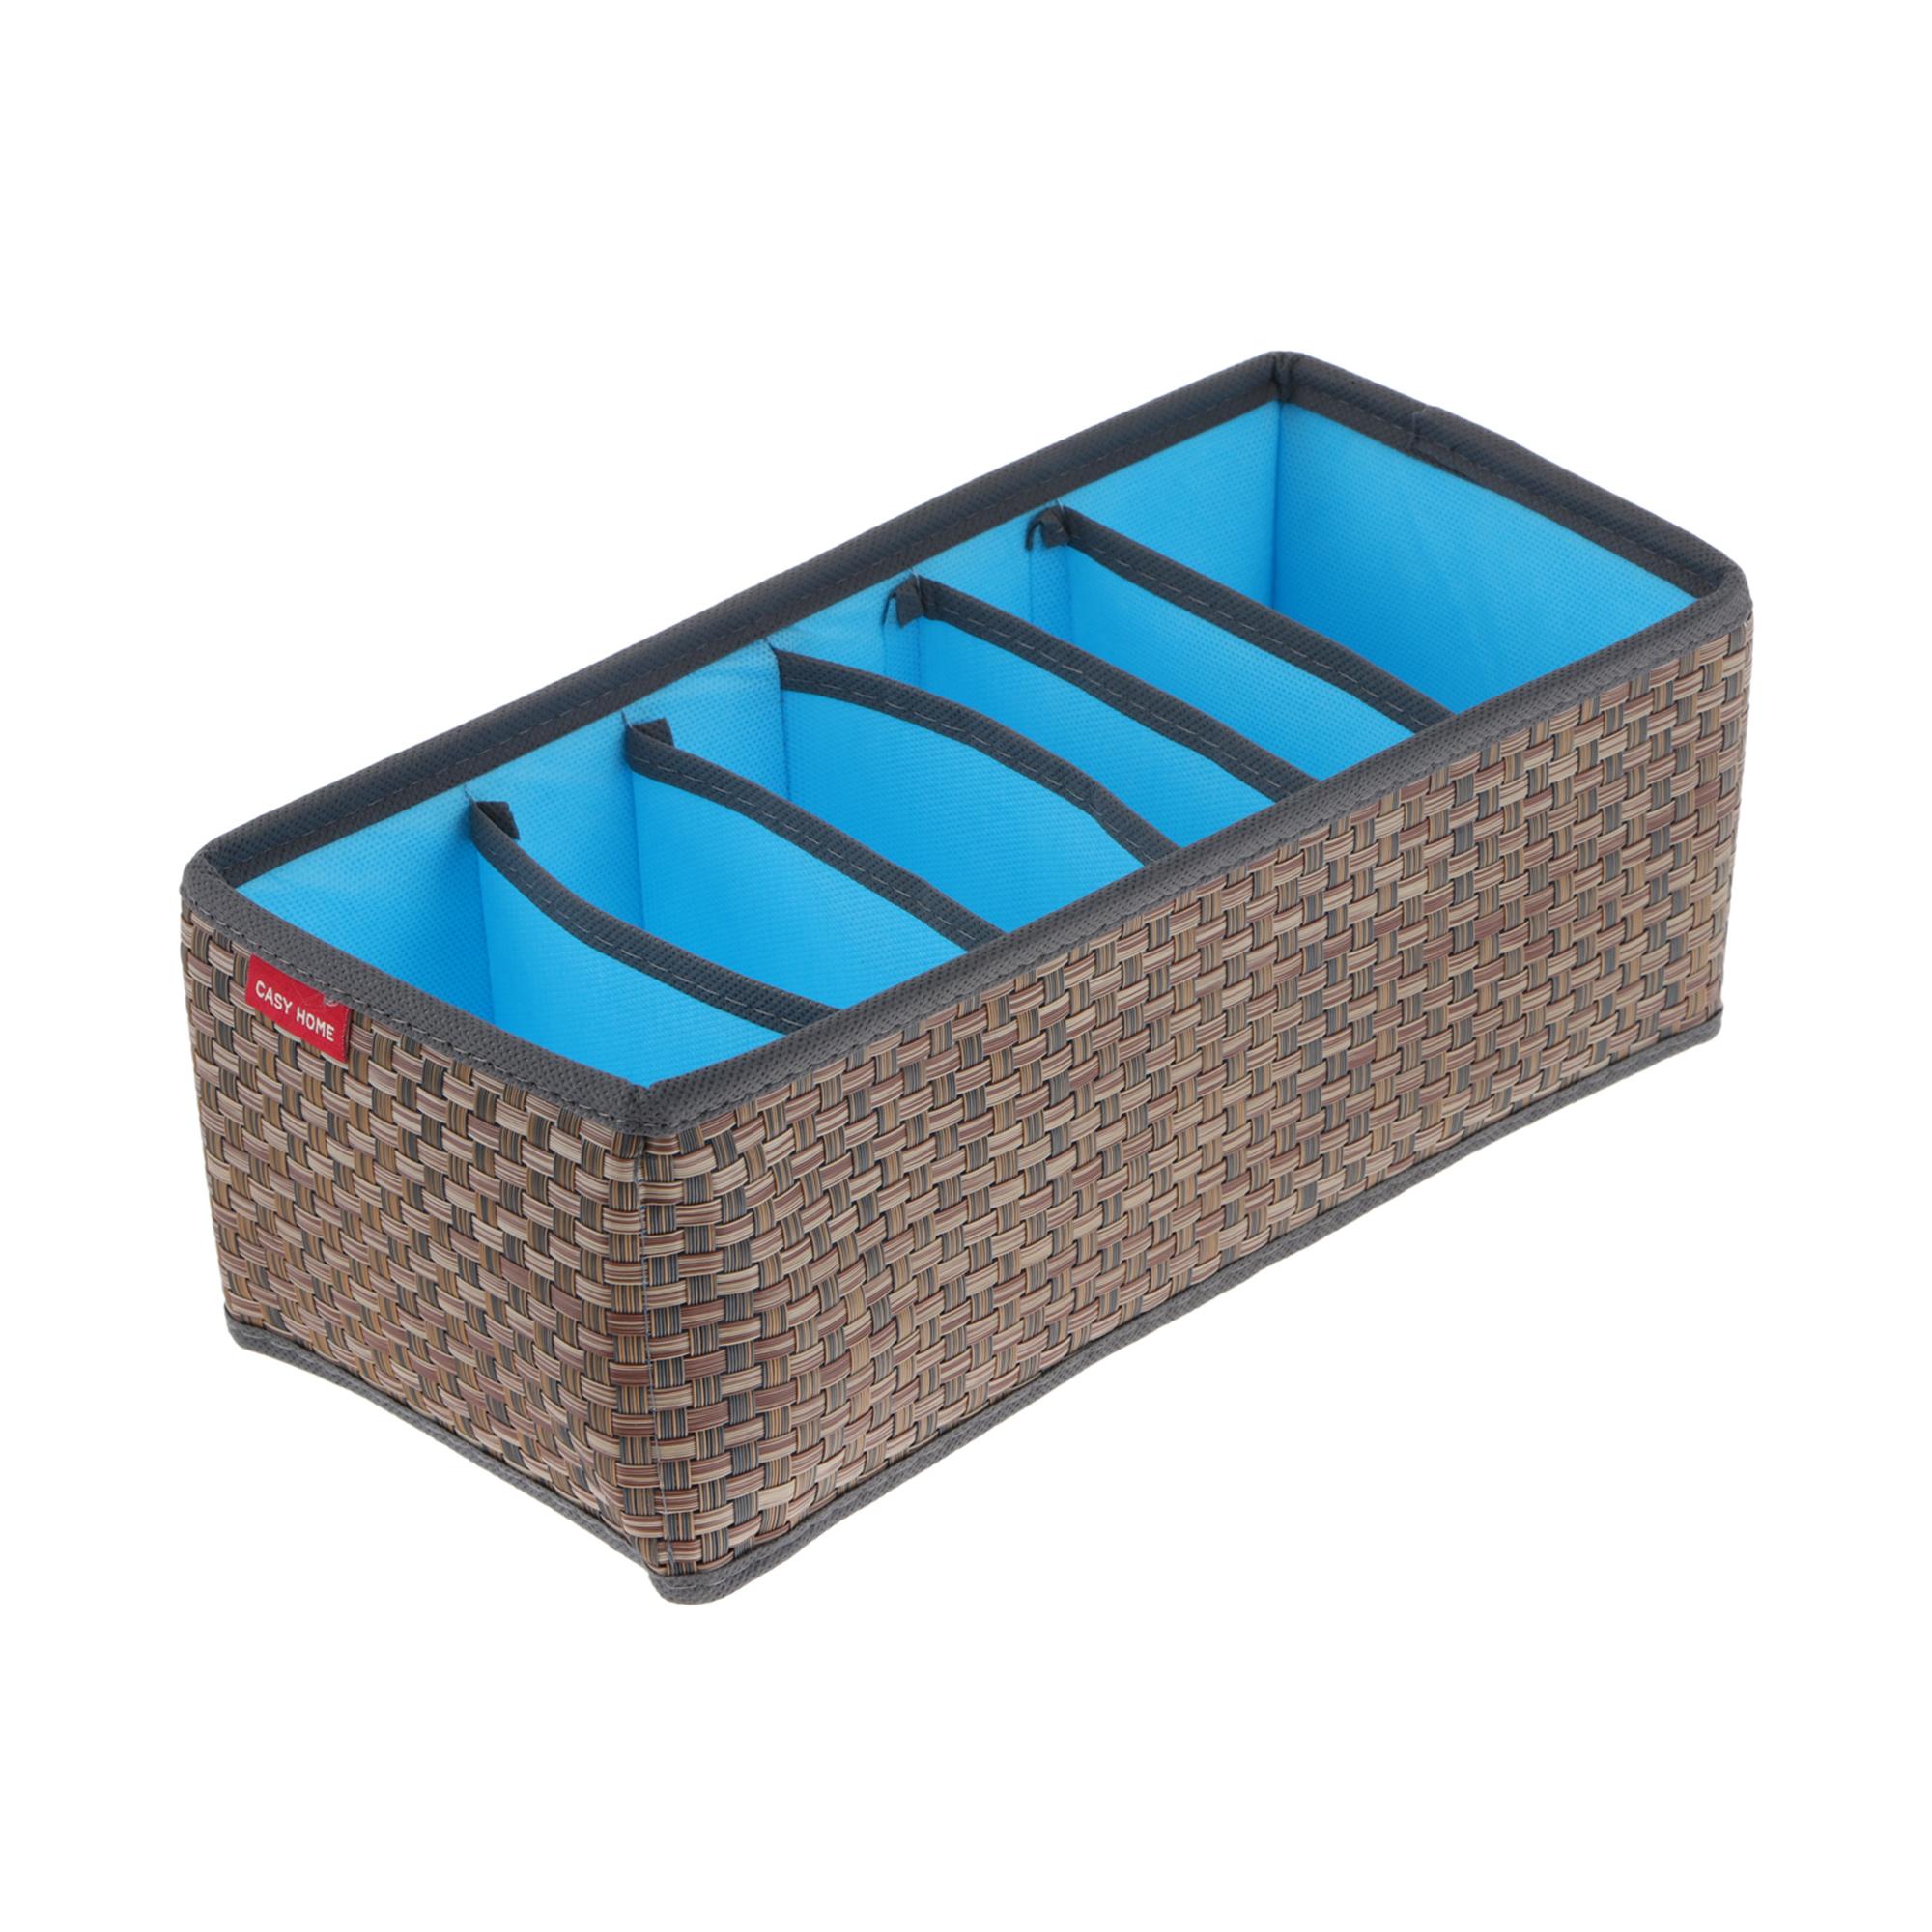 Органайзер для ремней Casy home 30х14х11см синий органайзер casy home для нижнего белья и маек синий